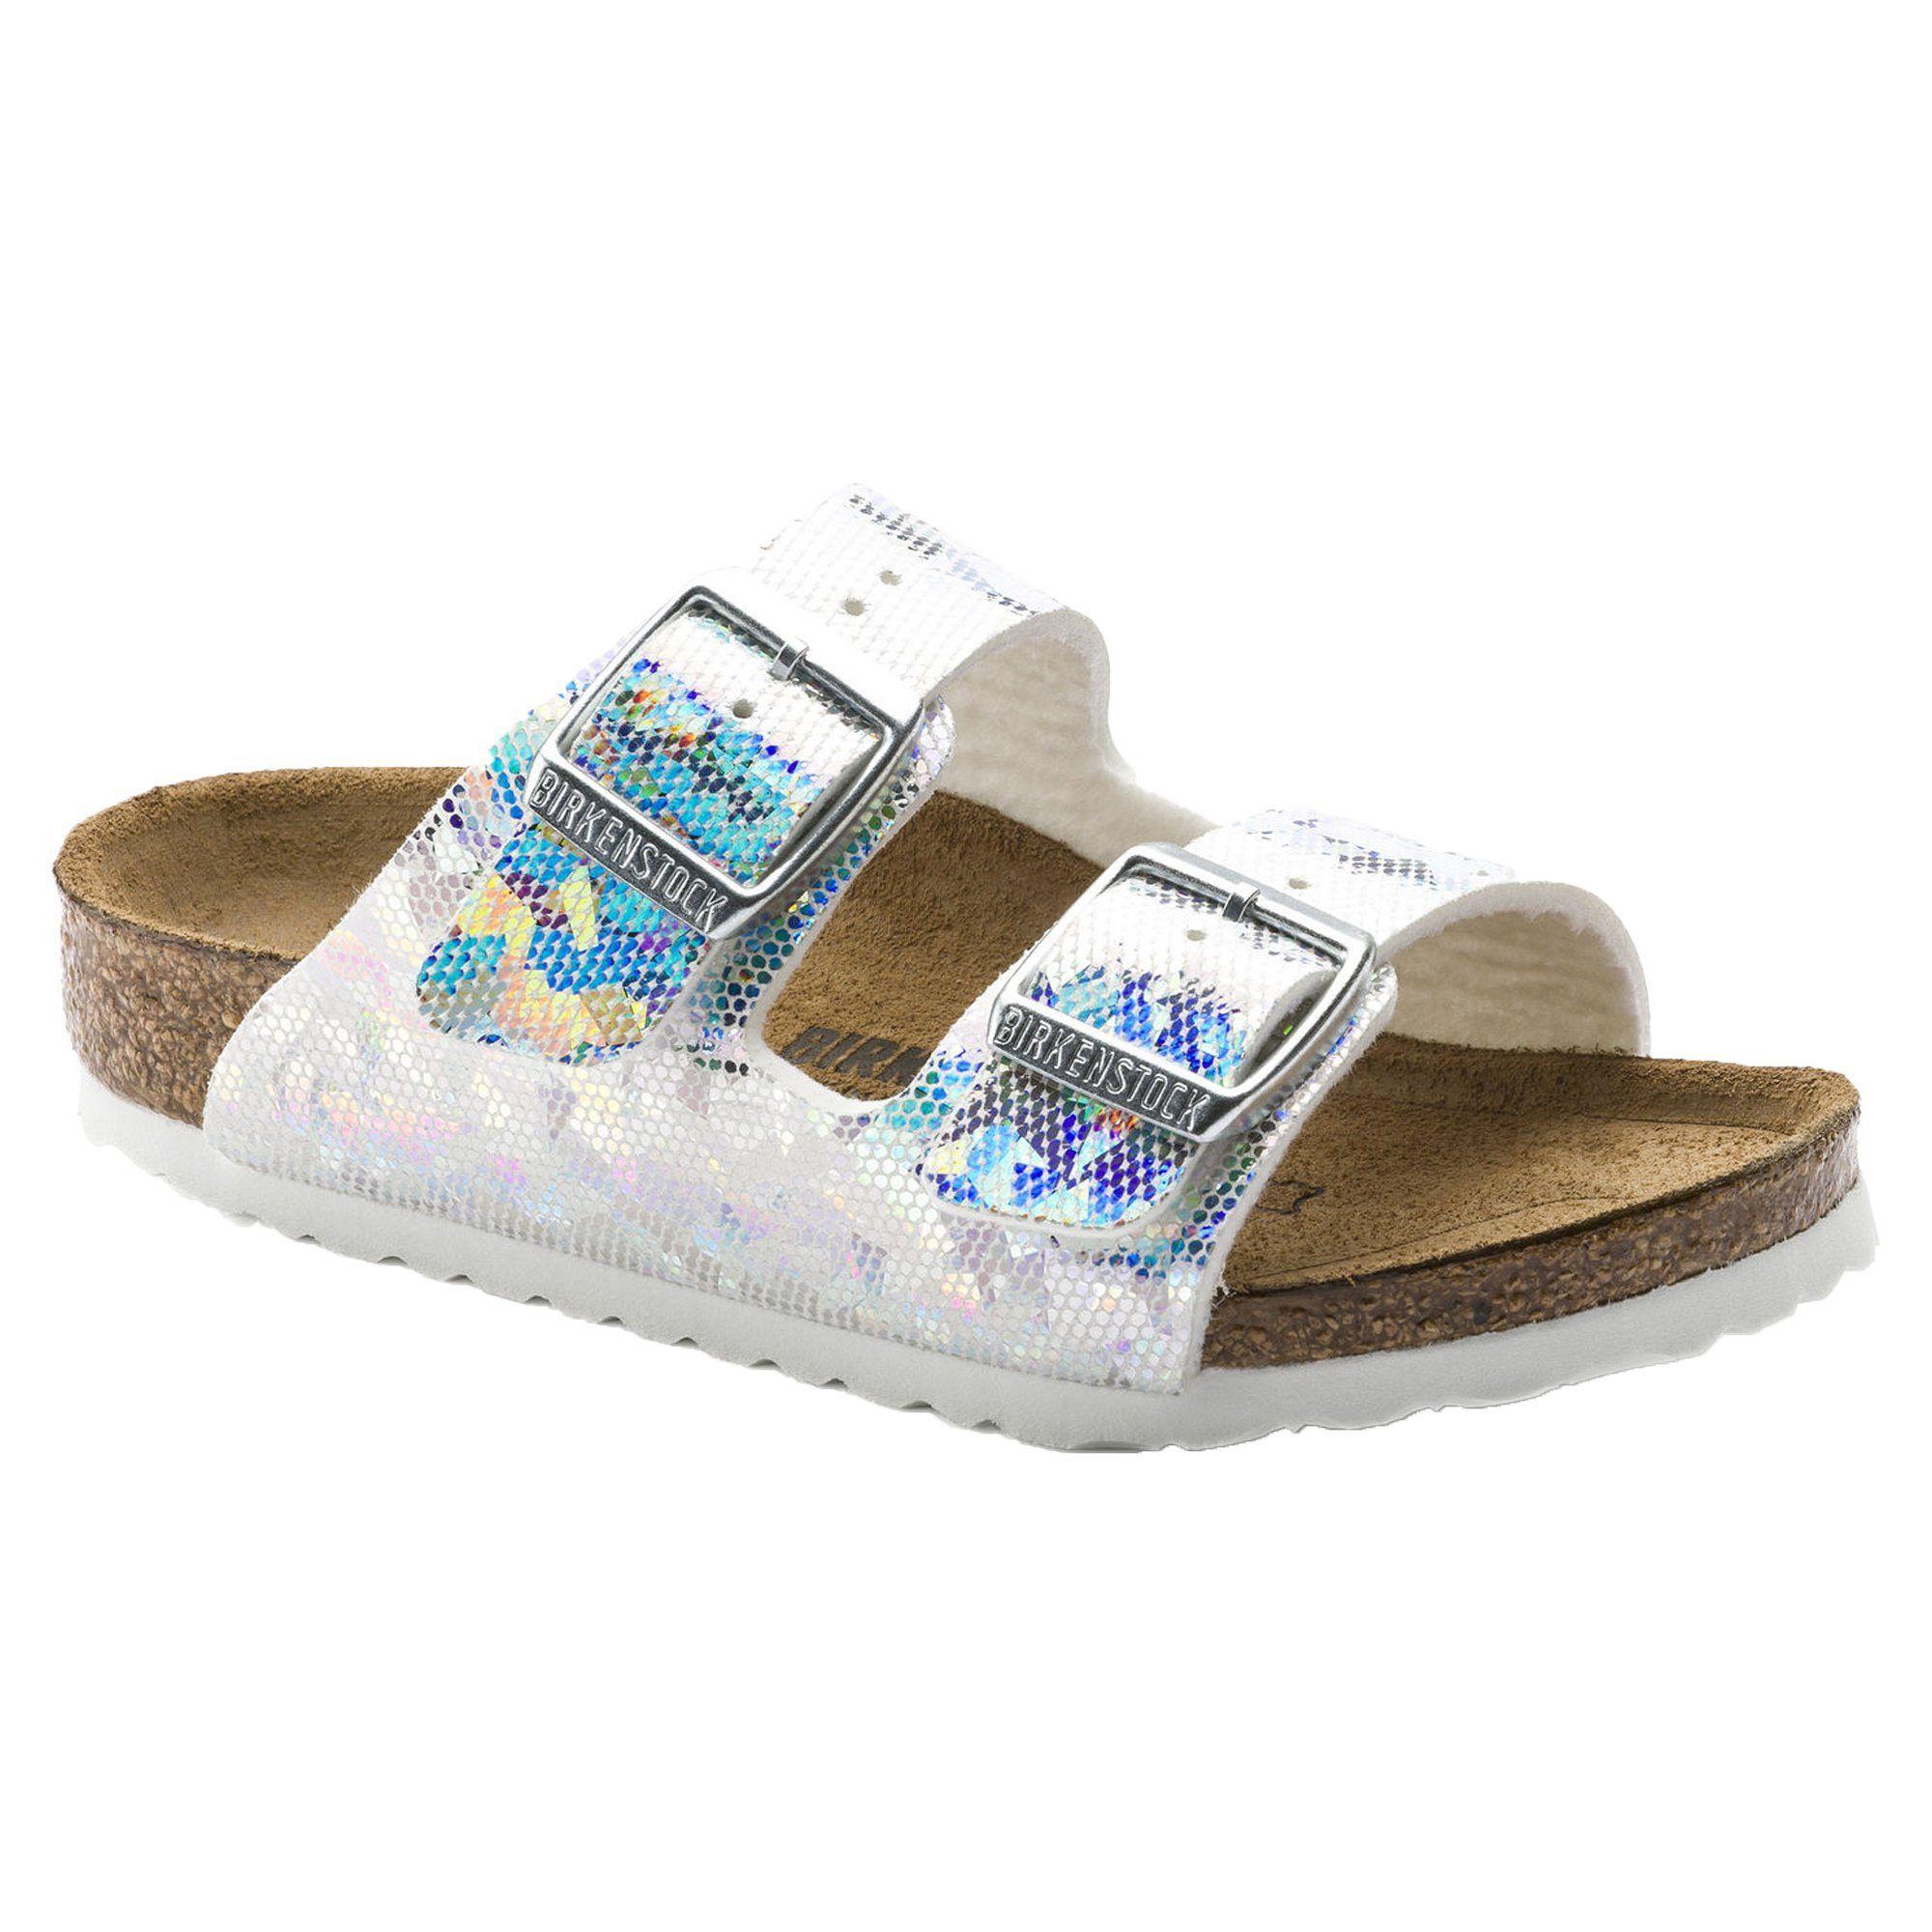 73698b43a0b Birkenstock Arizona Hologram Silver Kids Sandals (N) Sandales Enfants